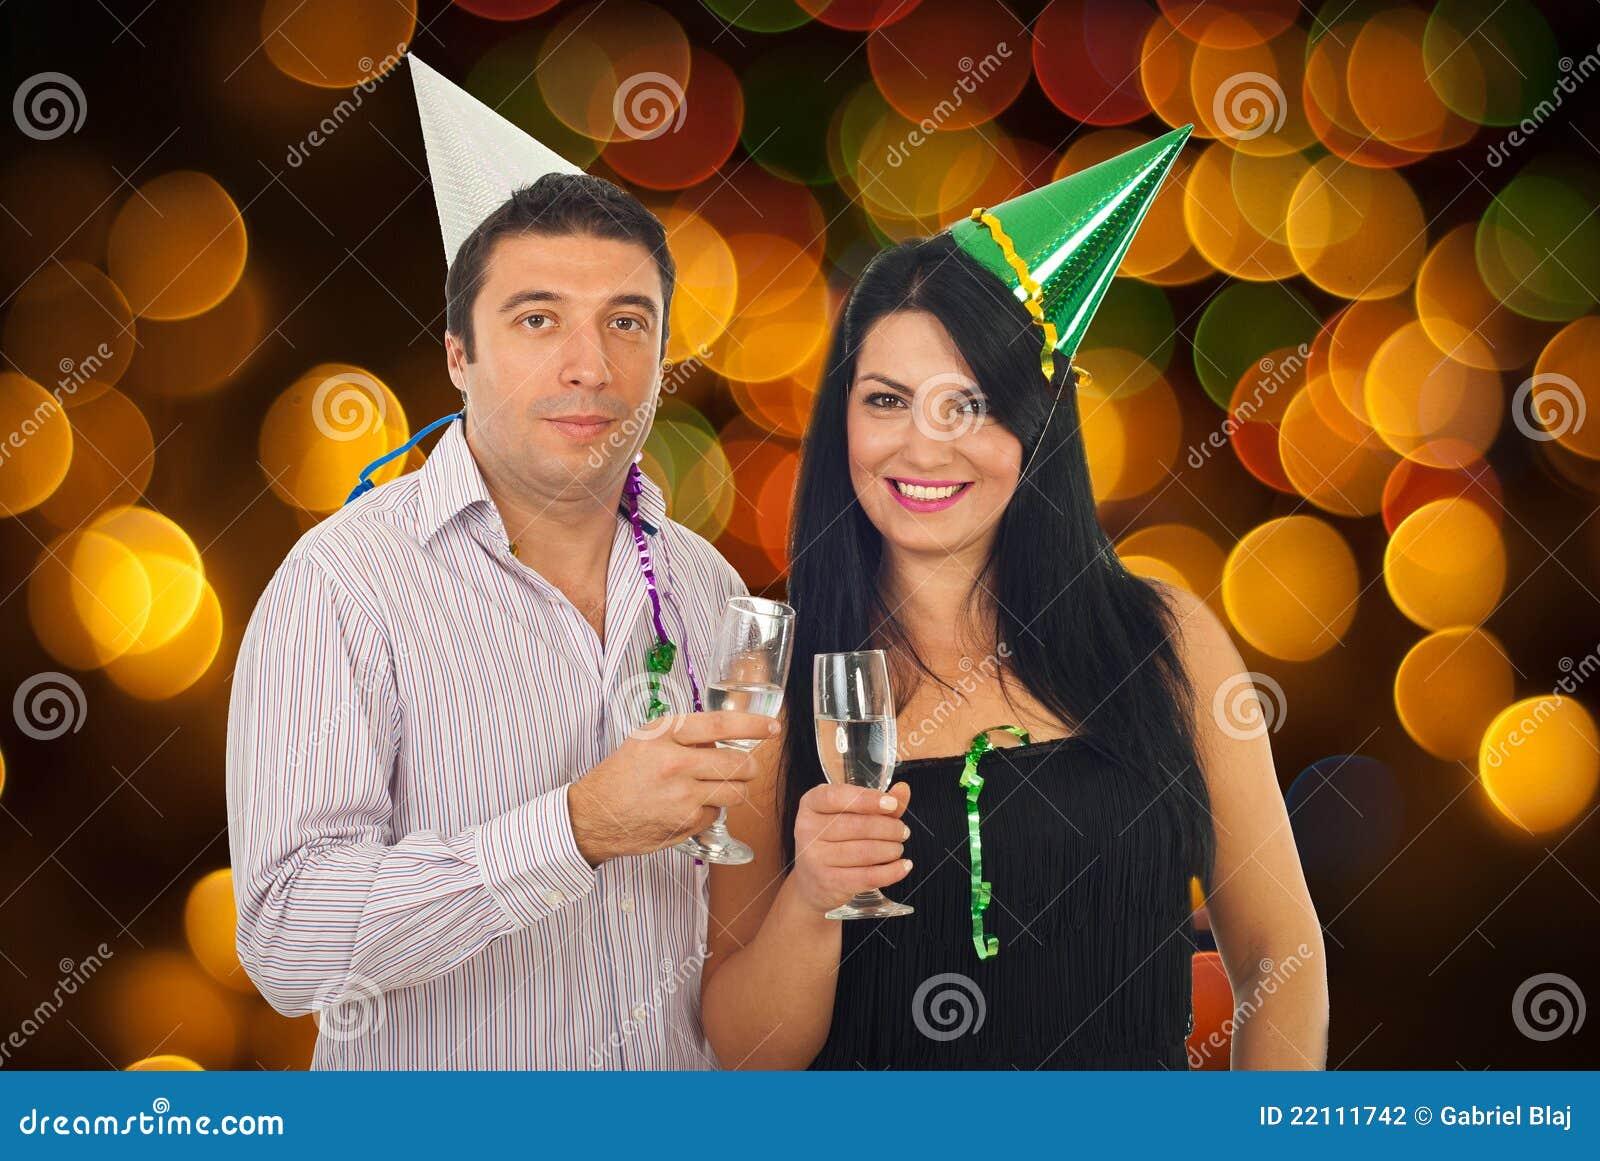 Fira nyårsafton för par